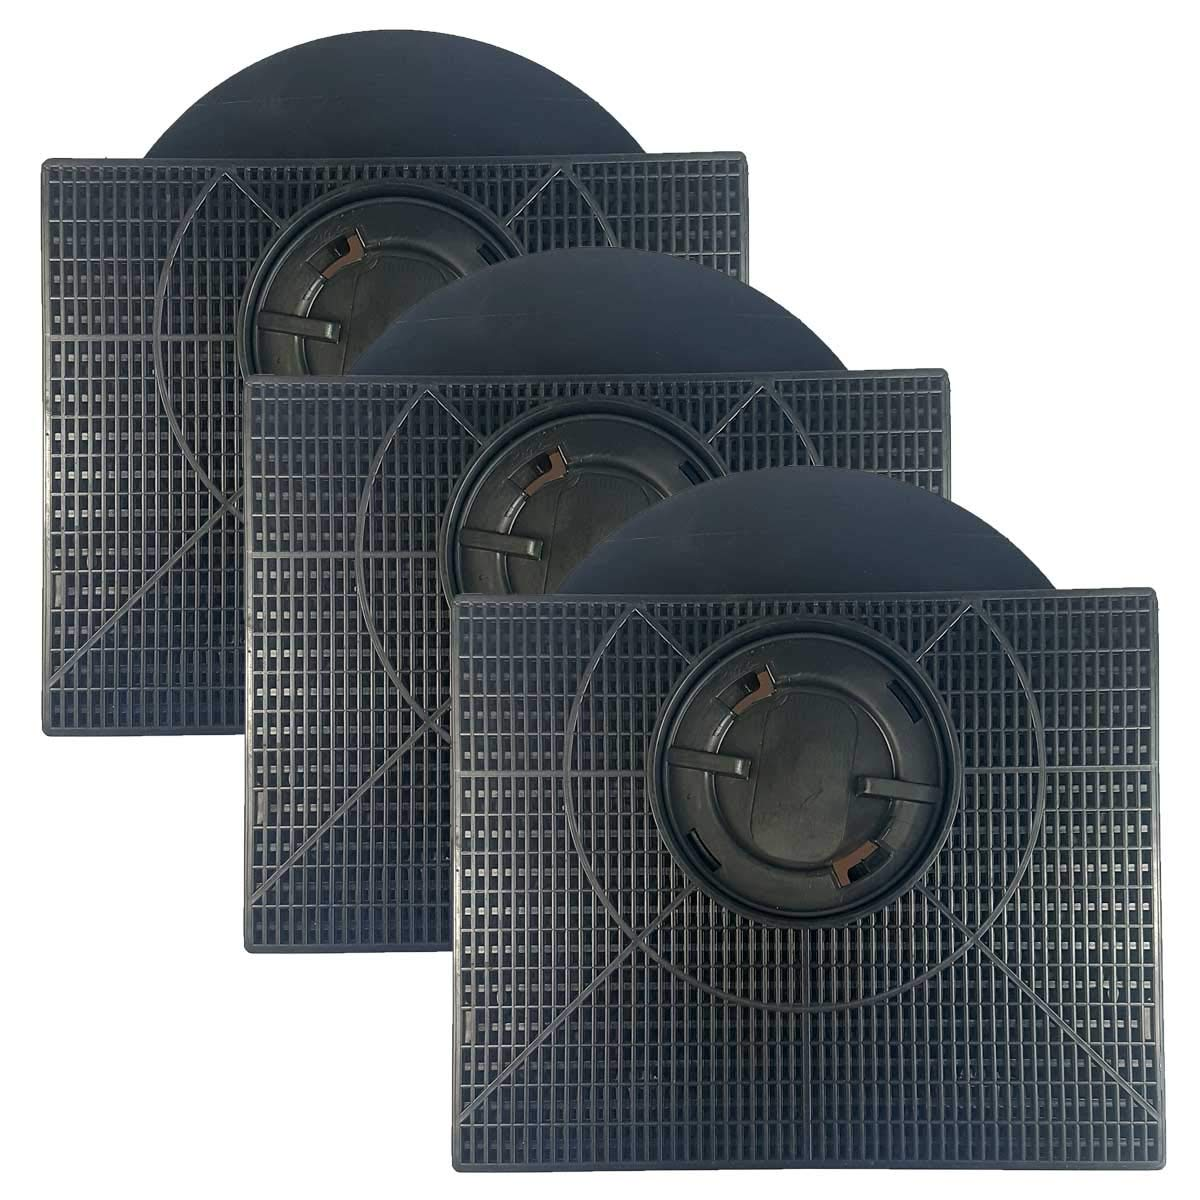 3x Filtro de cappa a Carbone Attivo Originale D303-481281718532 - 484000008581 - CHF303 - Type 303 - NYTTIG FIL 558 - AMC895 / Trattamento Antibatterico. Anti Odore. AC40 KAMP